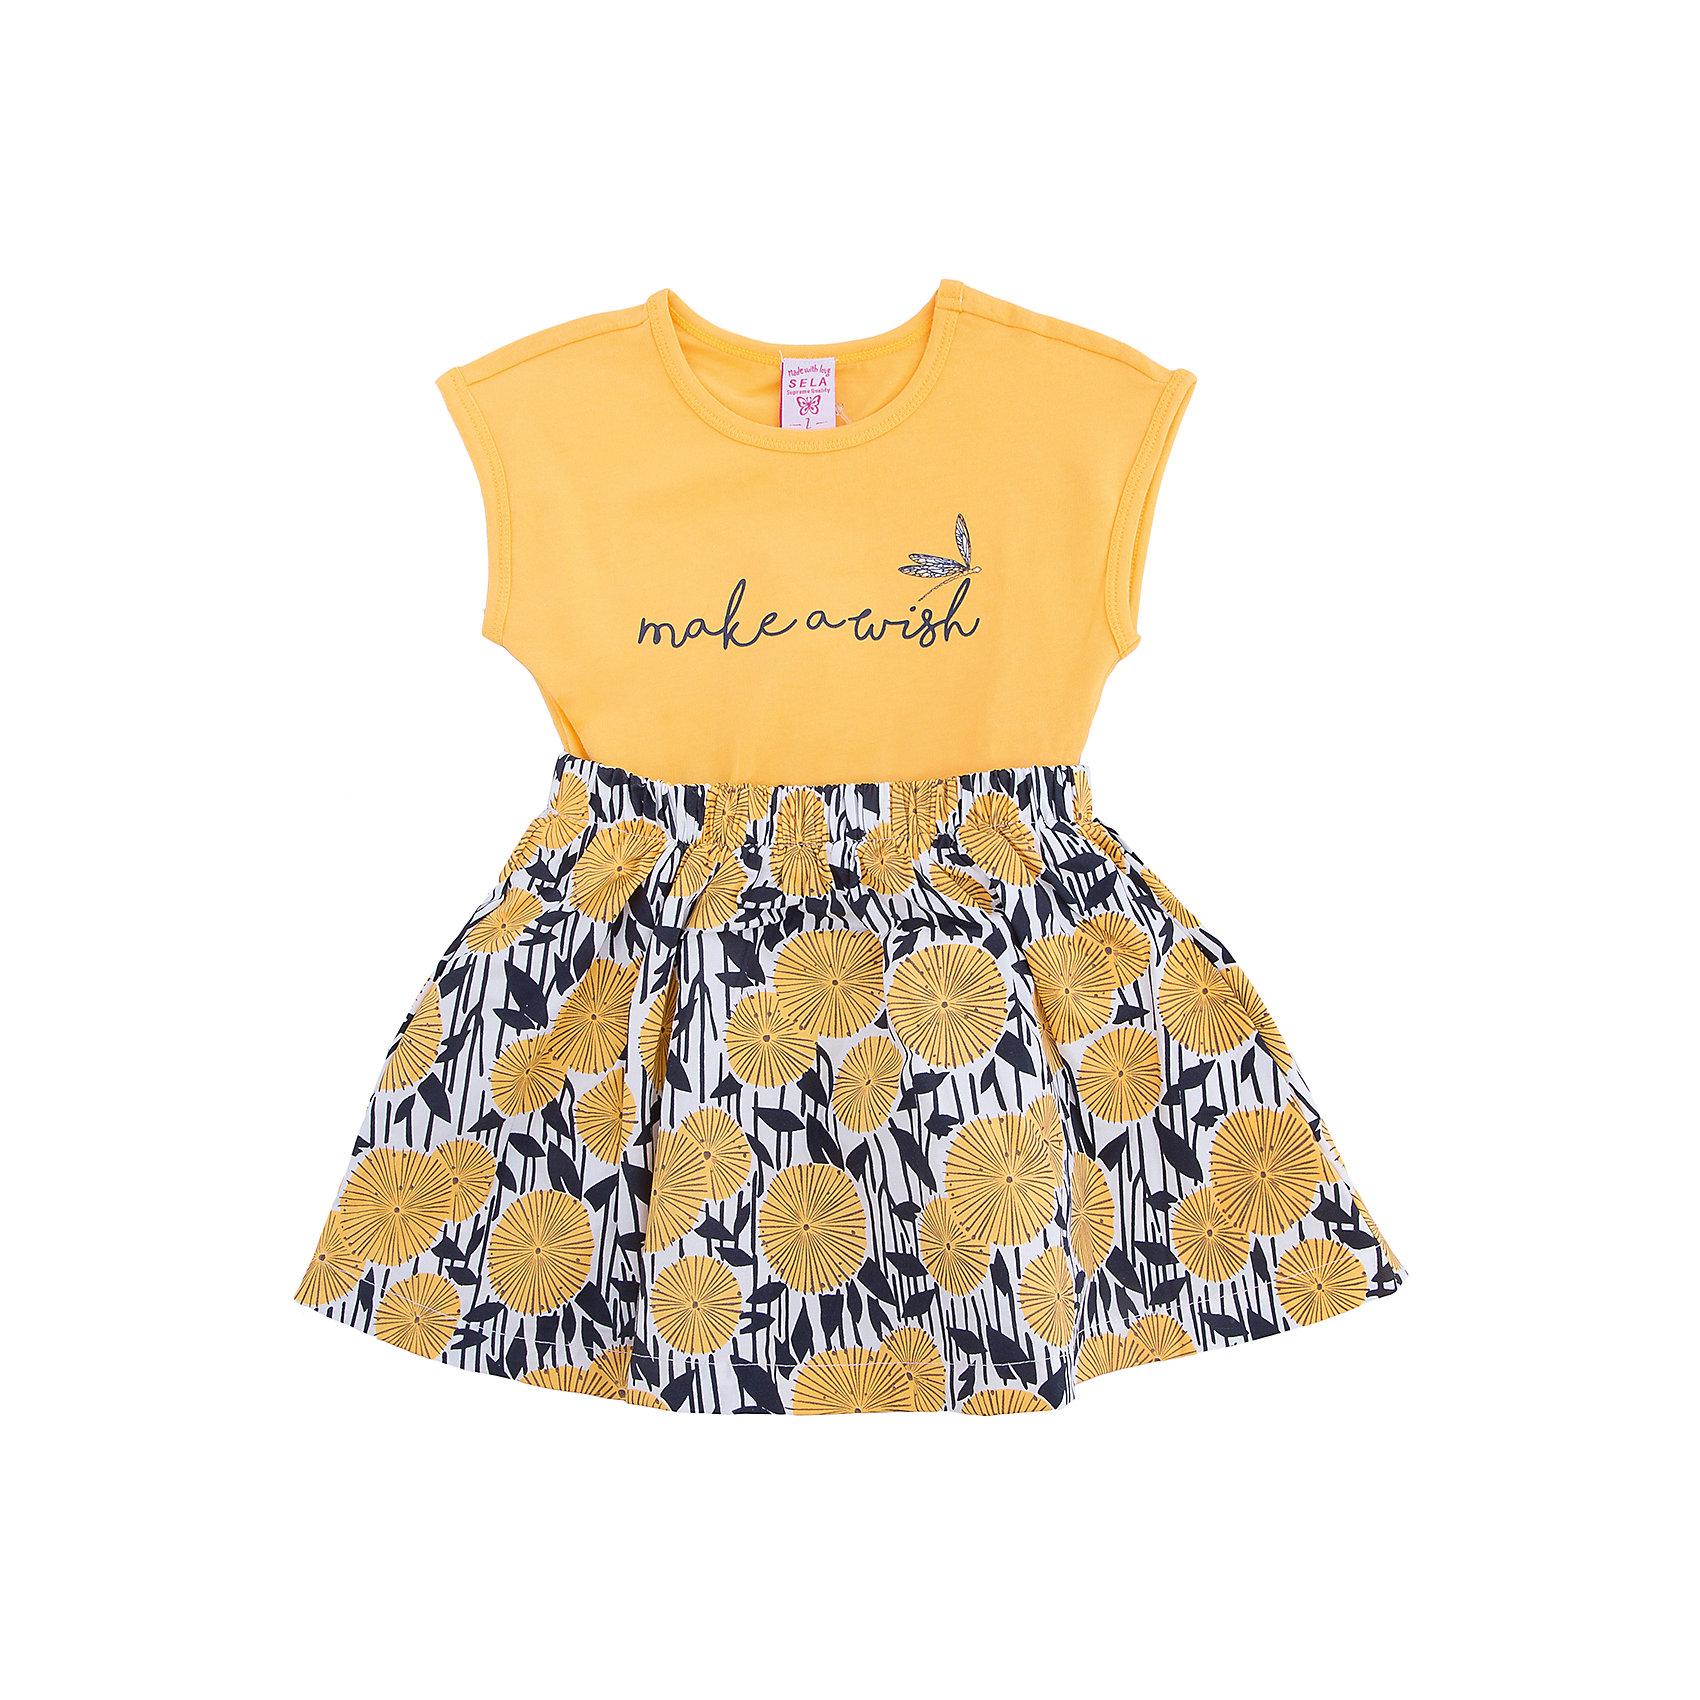 Платье для девочки SELAПлатья и сарафаны<br>Платье для девочки от известного бренда SELA<br>Состав:<br>95% хлопок, 5% эластан-верх; 100% хлопок-низ<br><br>Ширина мм: 236<br>Глубина мм: 16<br>Высота мм: 184<br>Вес г: 177<br>Цвет: желтый<br>Возраст от месяцев: 60<br>Возраст до месяцев: 72<br>Пол: Женский<br>Возраст: Детский<br>Размер: 92,98,104,110,116<br>SKU: 5305442